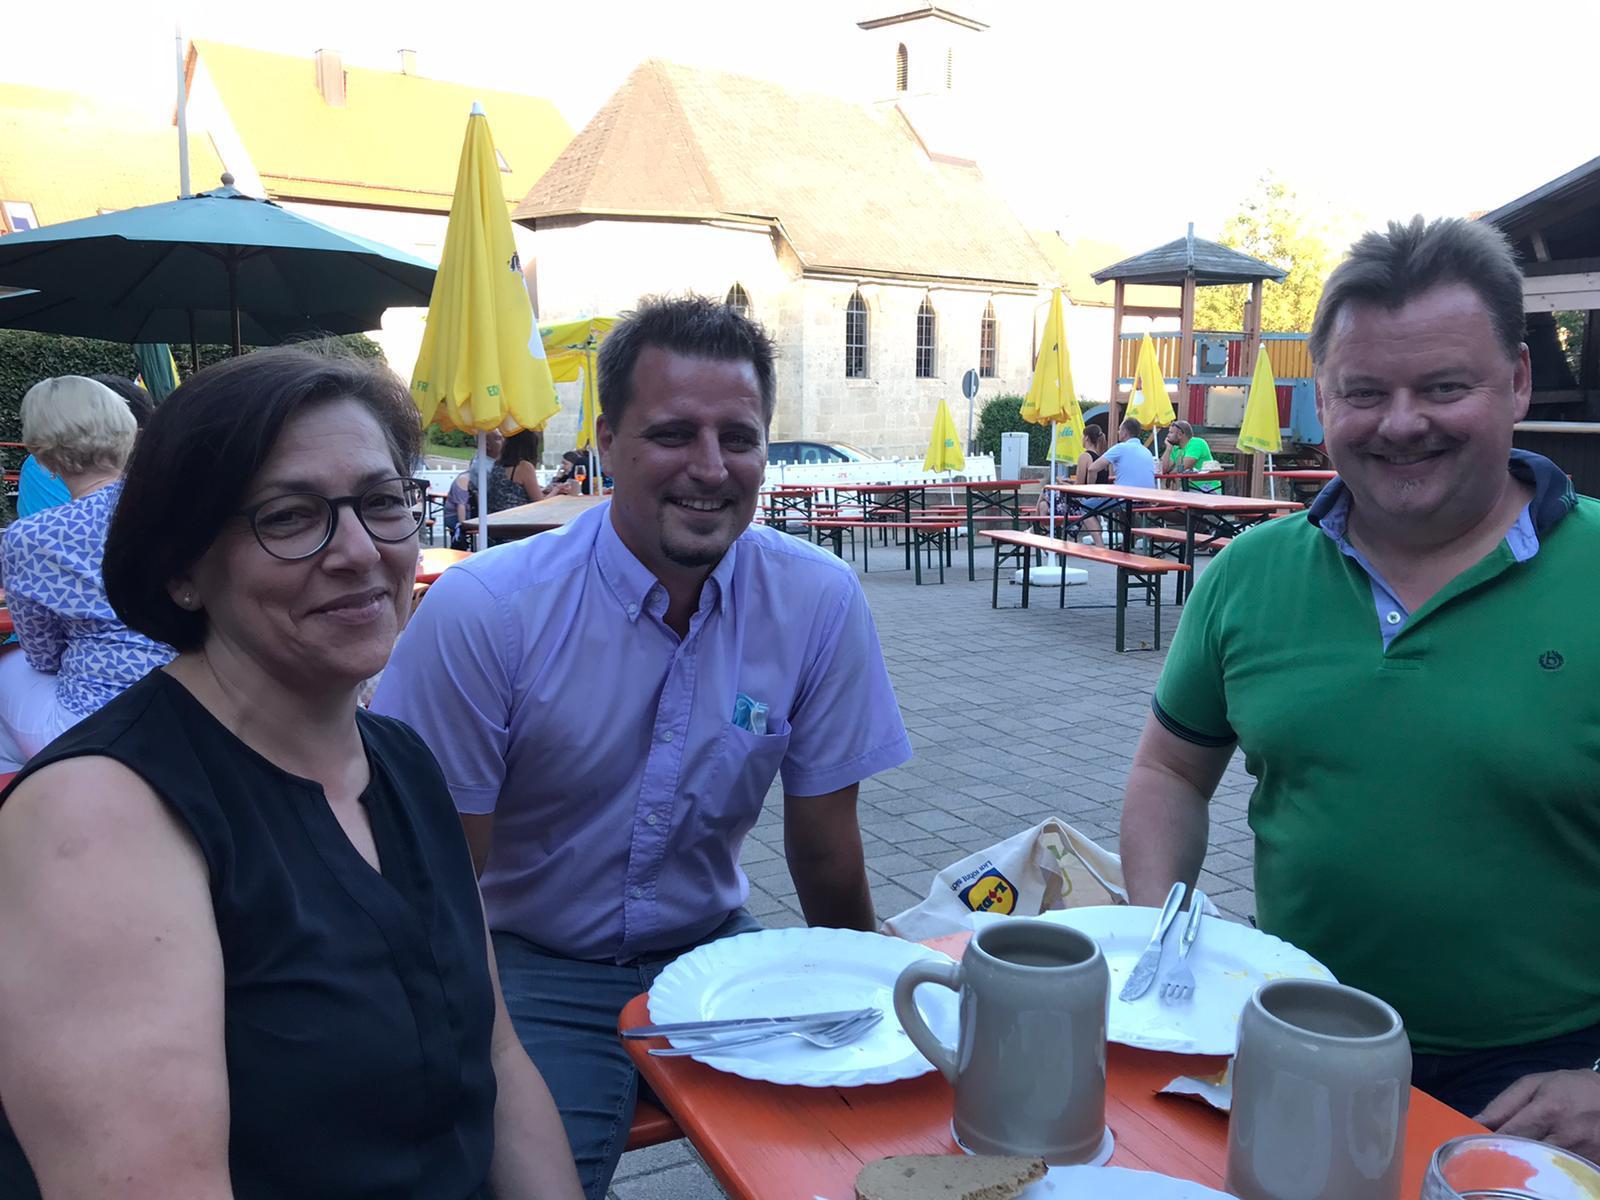 Mitglieder des Bundesforum Mittelstand Franken im Biergarten